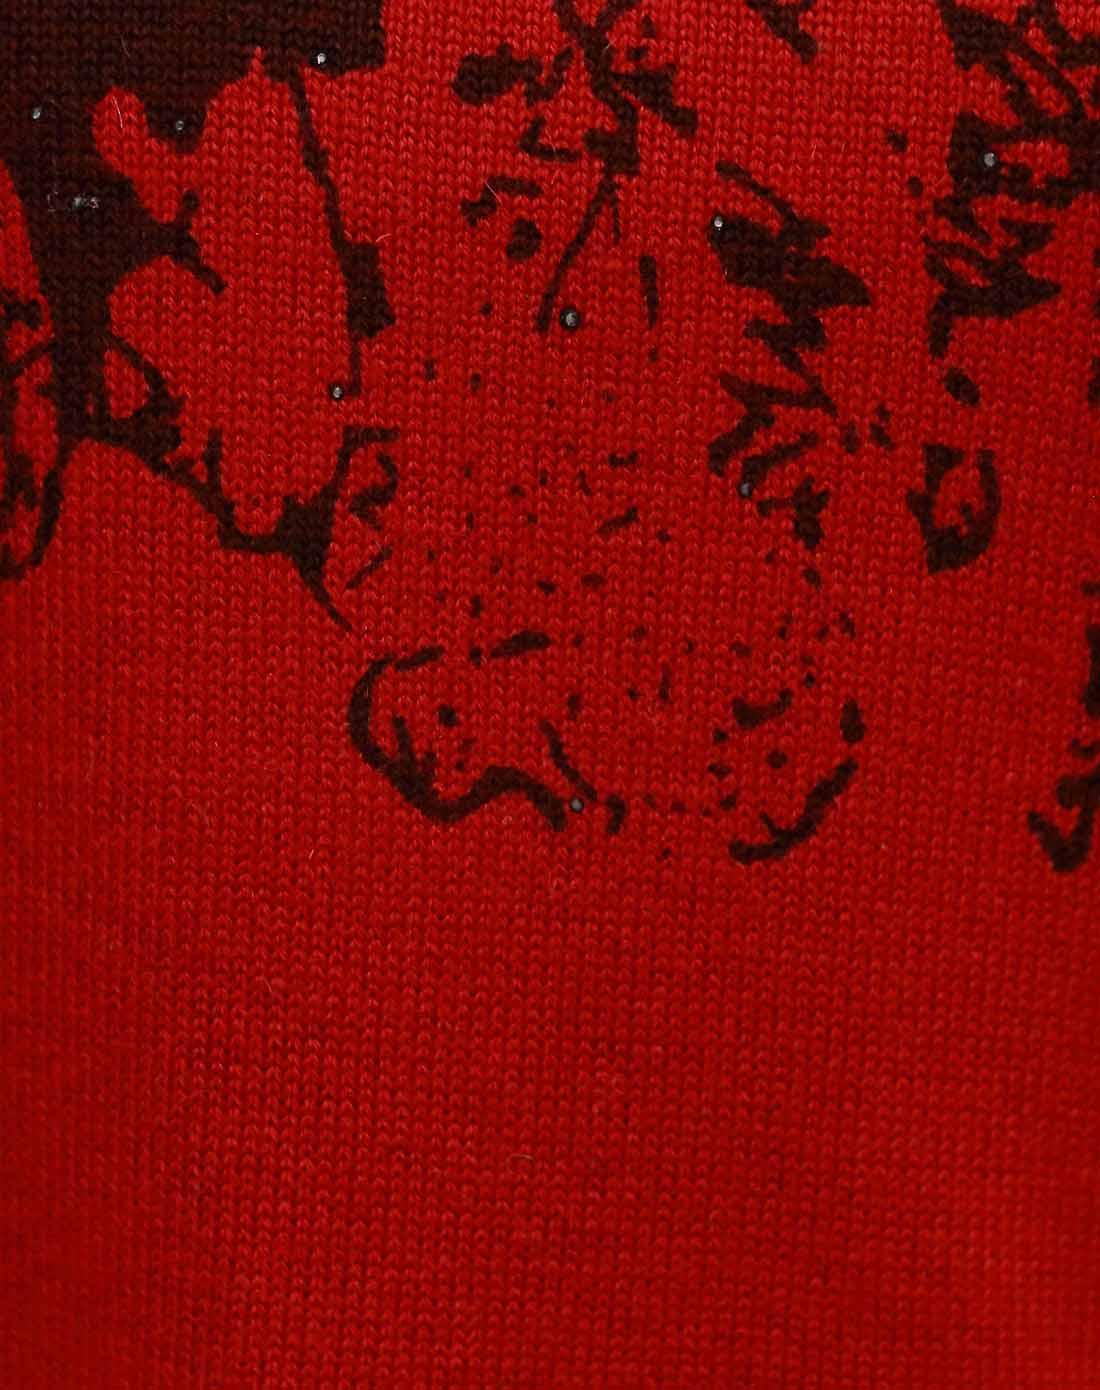 大红色/咖啡色花纹蹲领套头衫